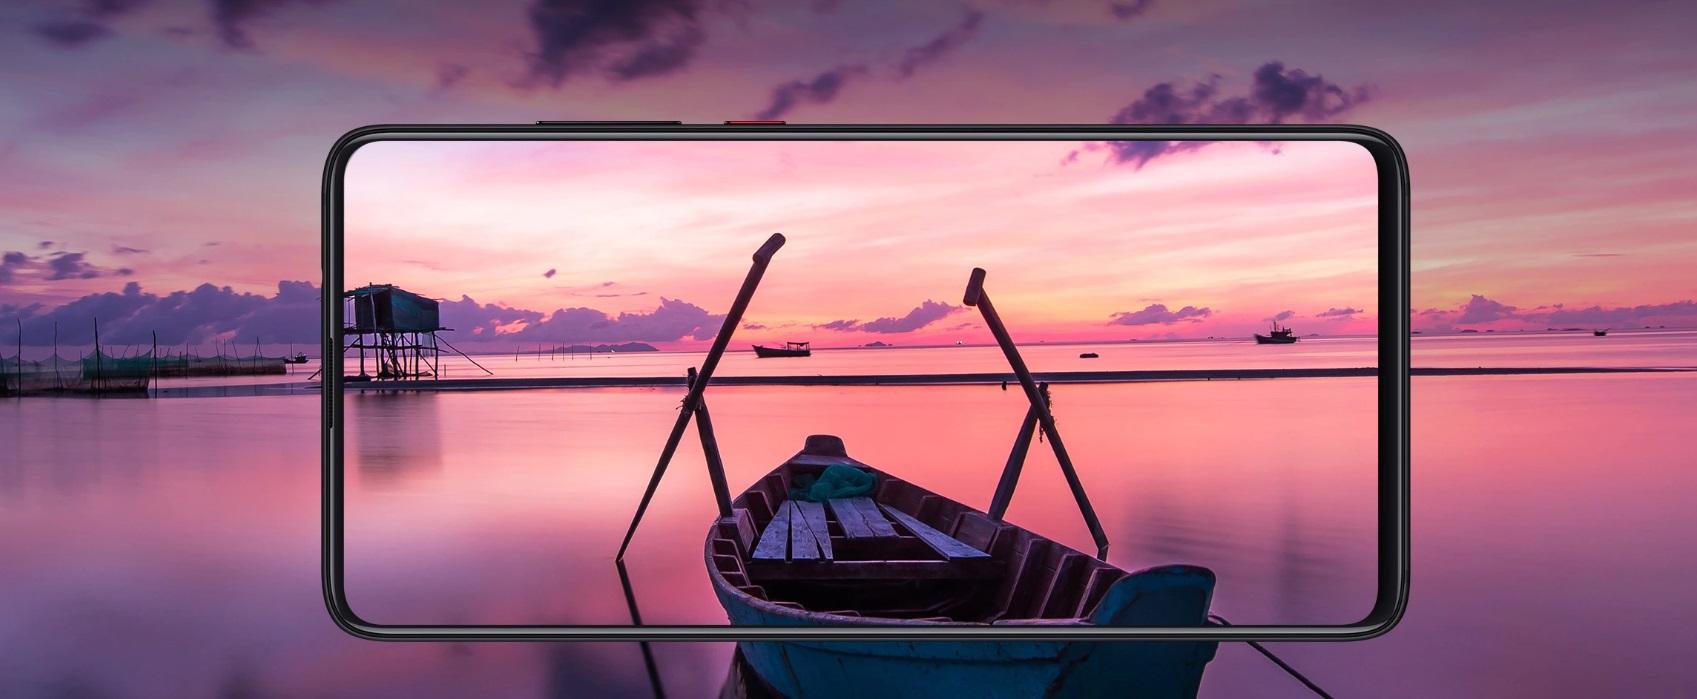 Xiaomi Mi 9t 22